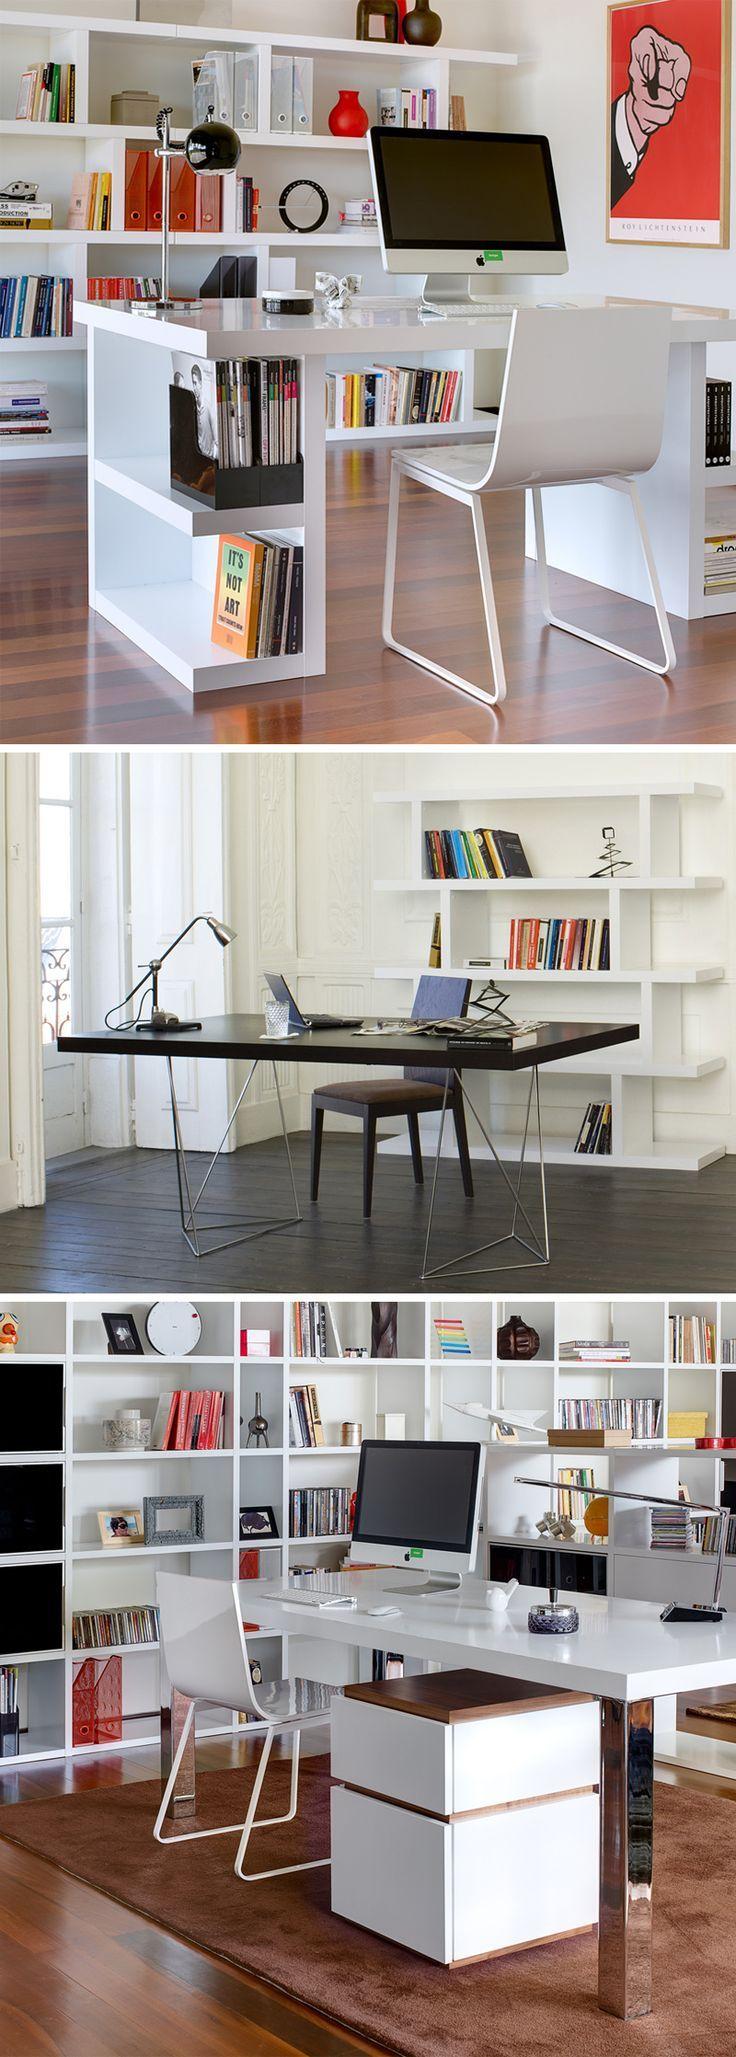 Contemporary home office Interior design home decor